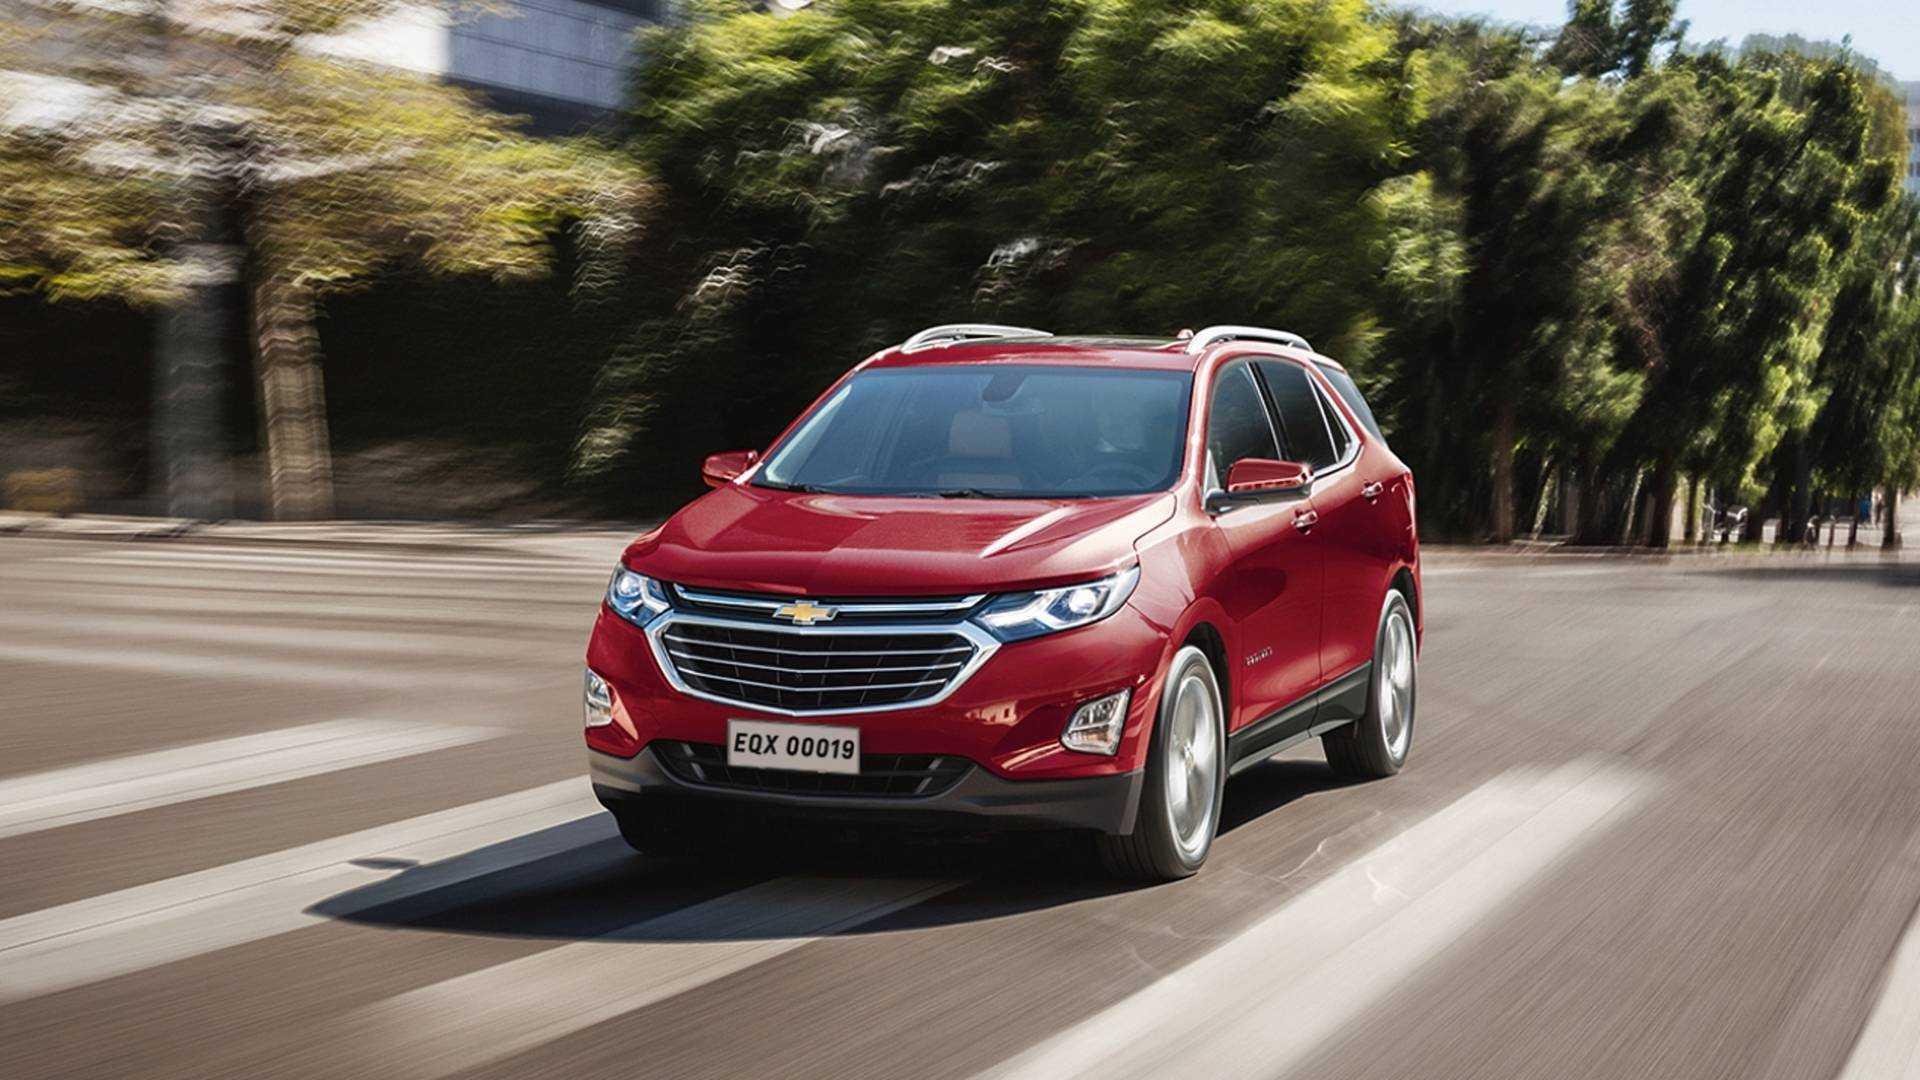 Chevrolet Equinox Fica Ate R 18 900 Mais Barato Veja Precos